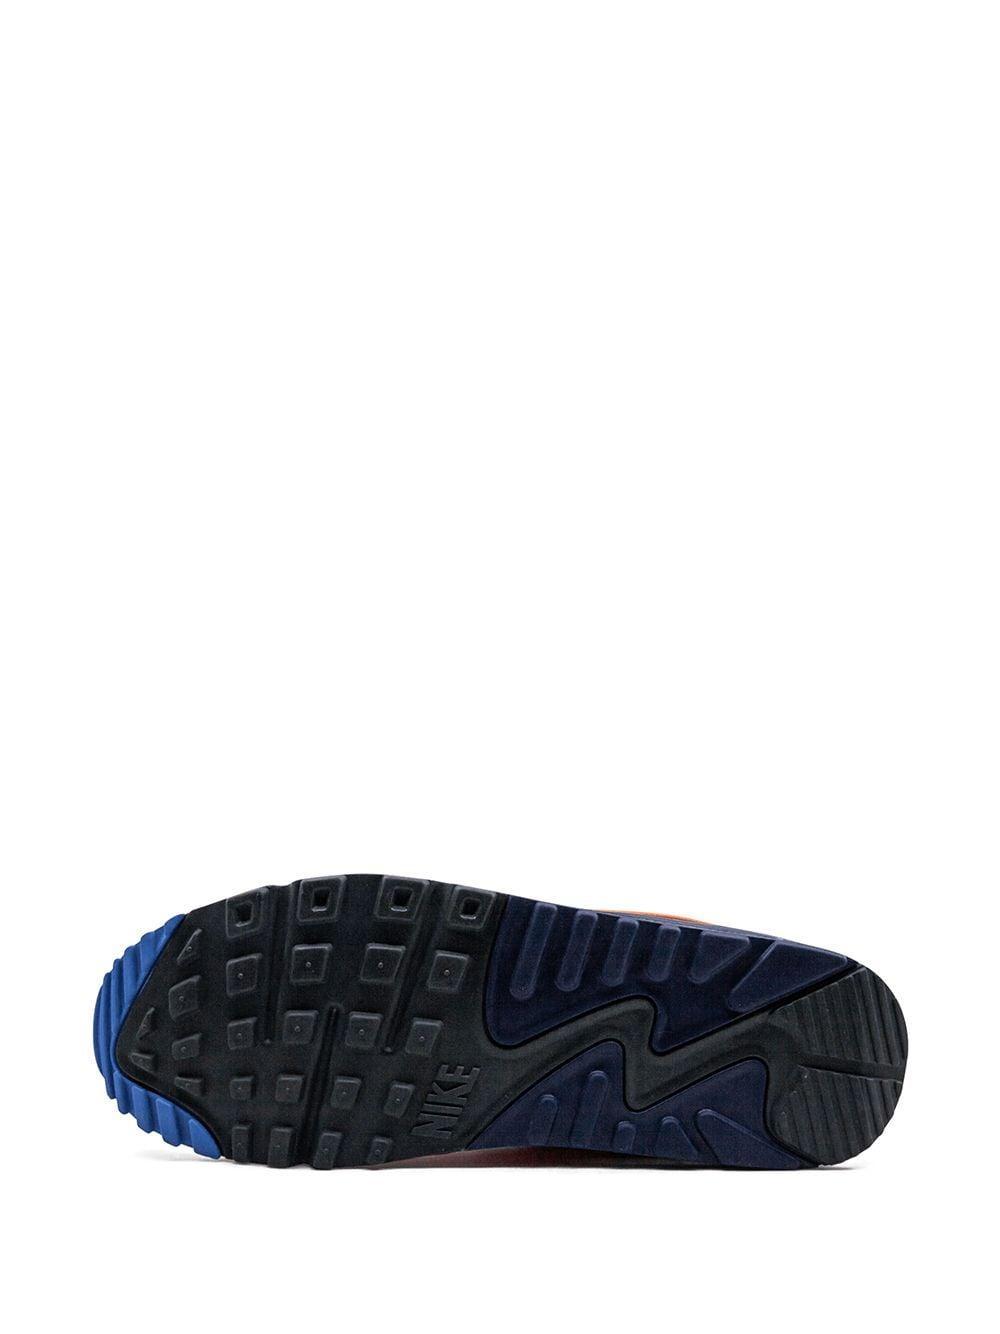 Zapatillas Air Max 90 Essential Nike de Cuero de color Blanco para hombre